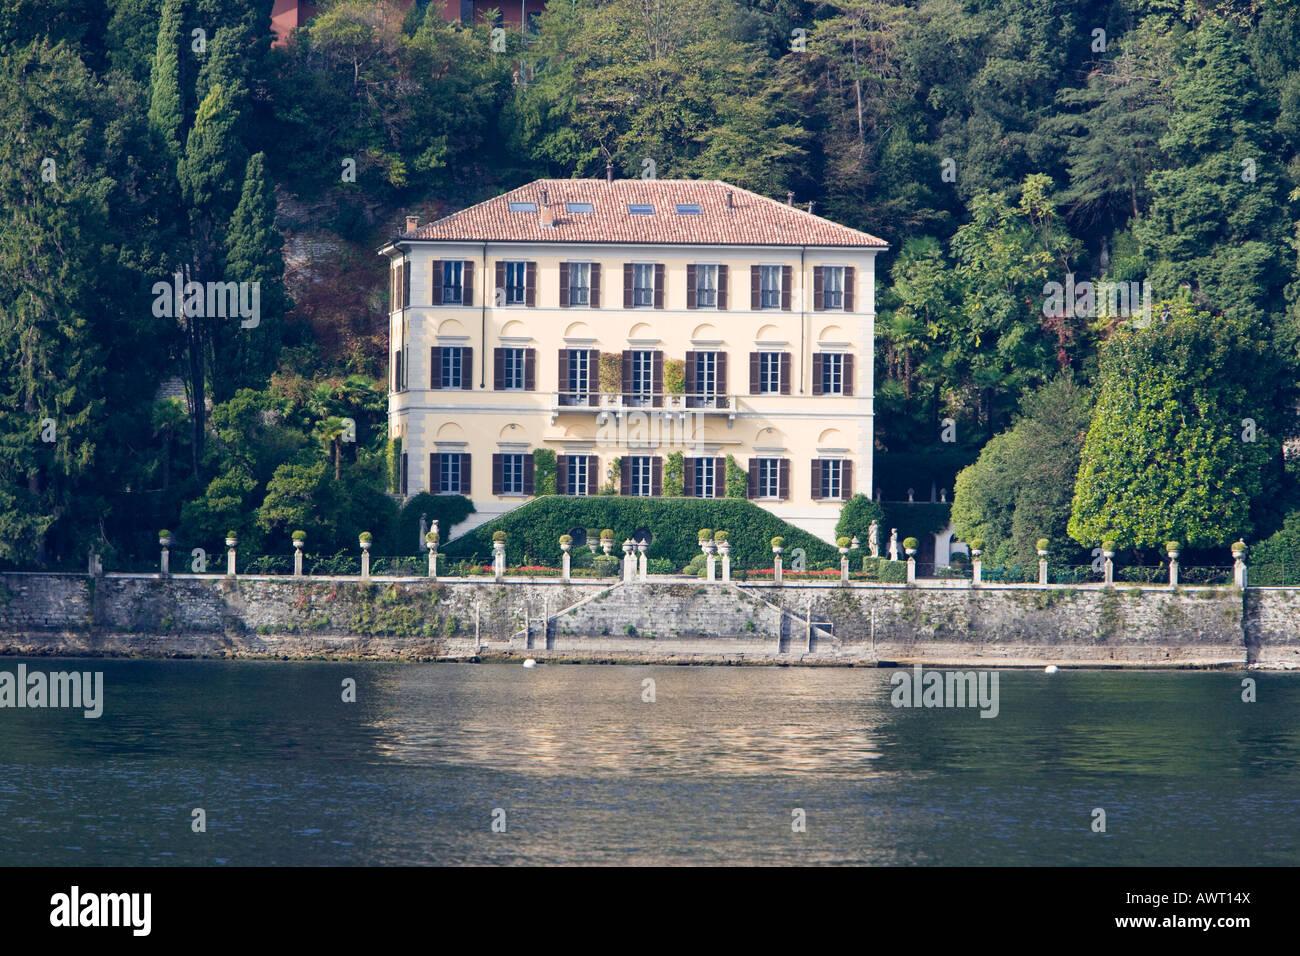 Donatella Versace Villa